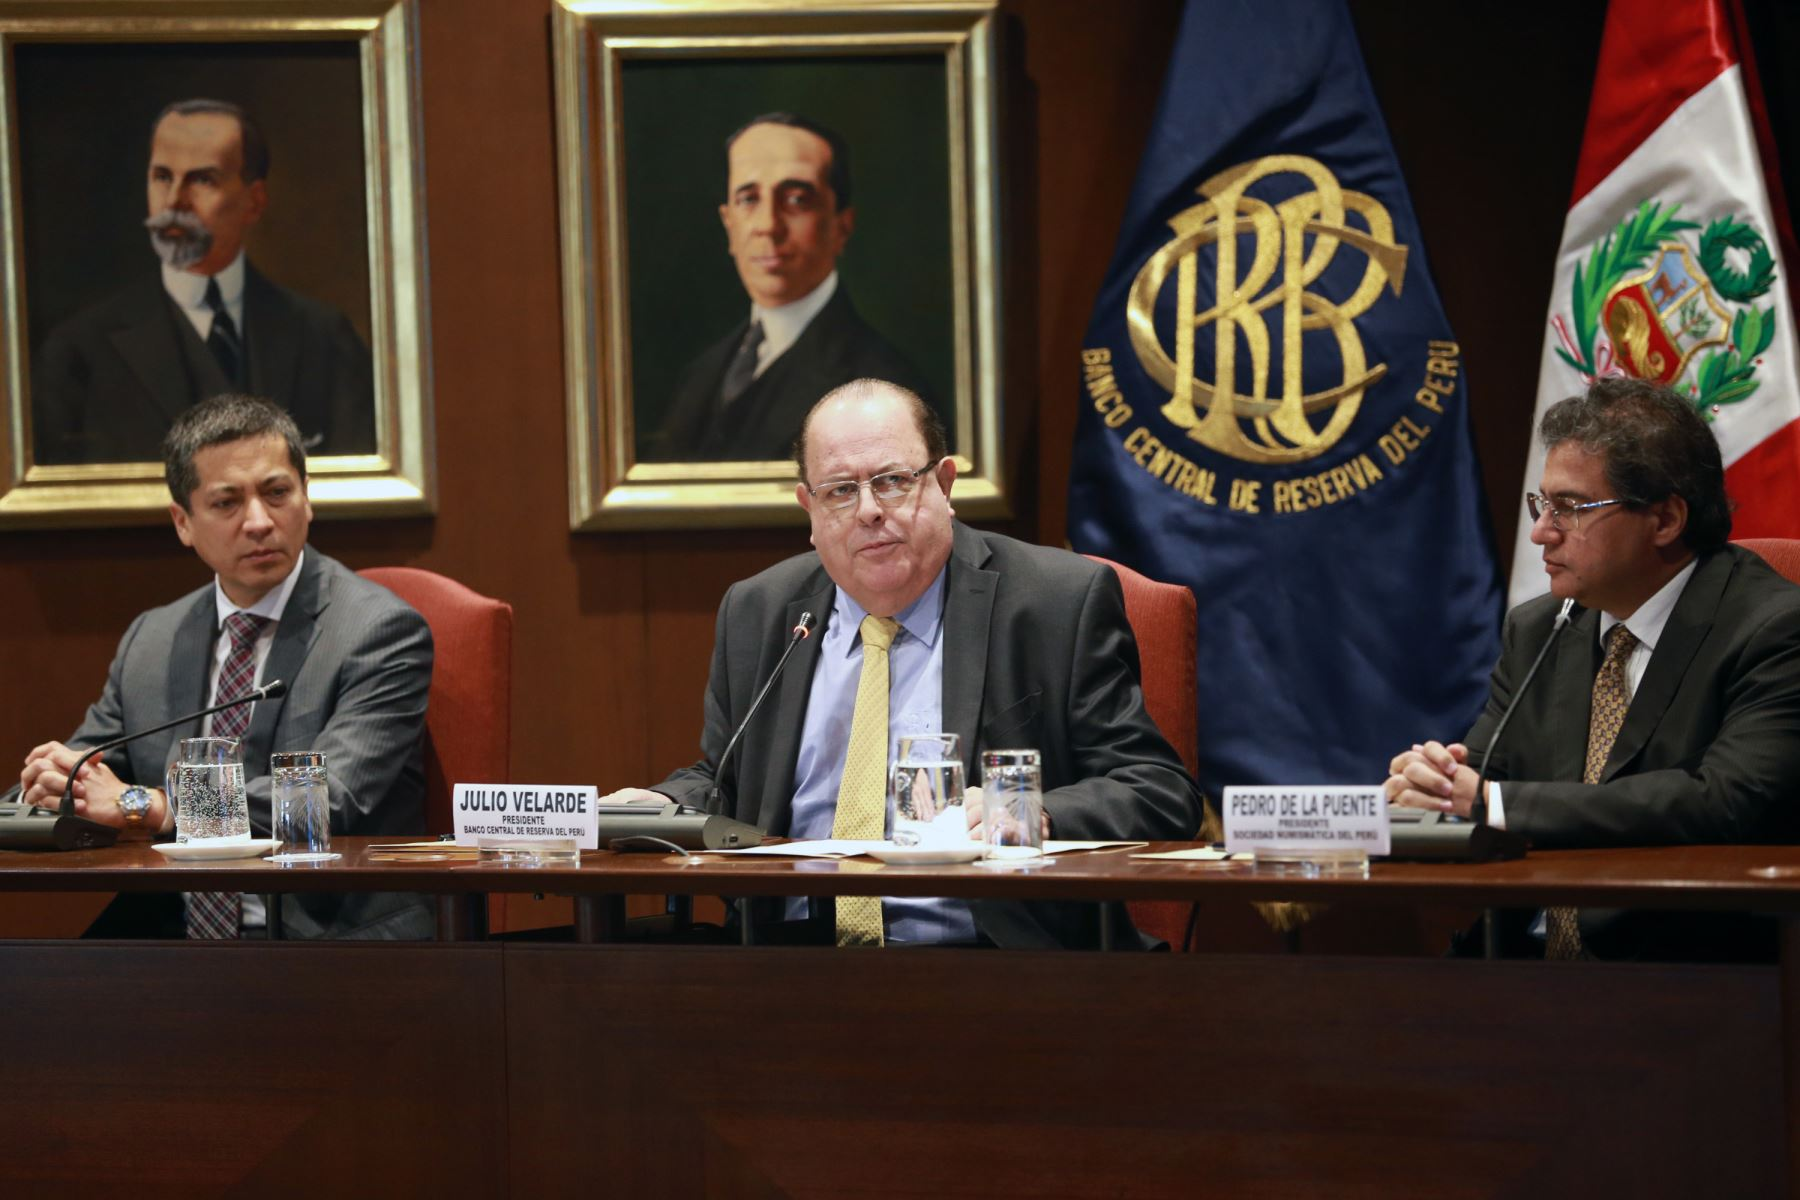 Presidente del BCR, Julio Velarde (al centro) en presentación de nueva moneda de 1 sol, alusiva al cocodrilo de Tumbes. ANDINA/Norman Córdova